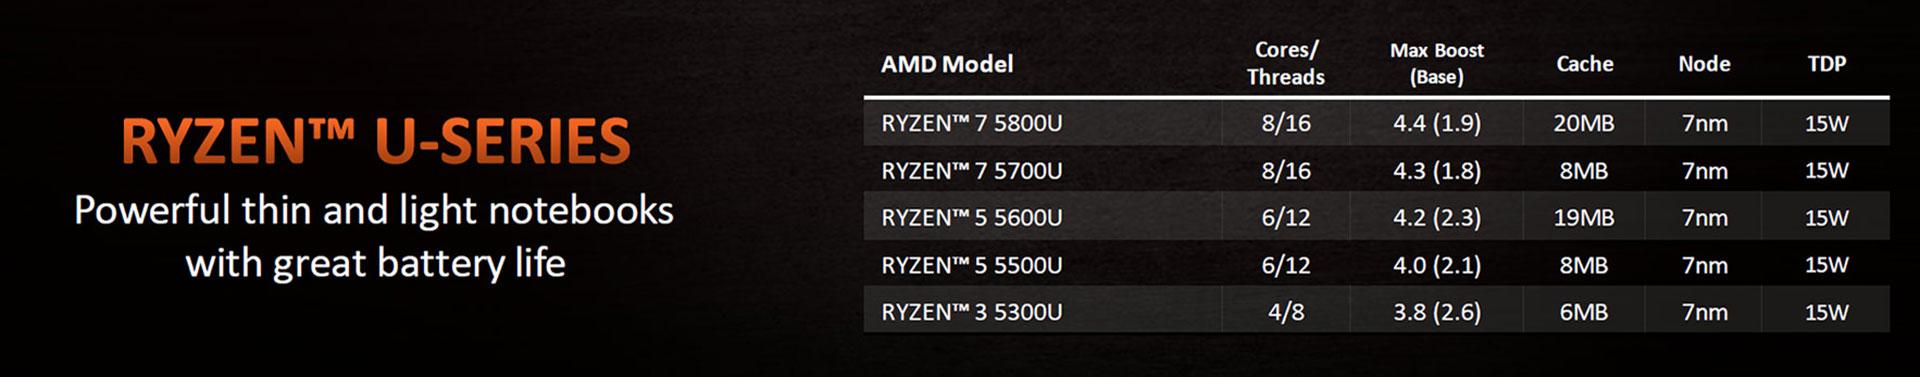 amd-ryzen-u-5000-line.jpg